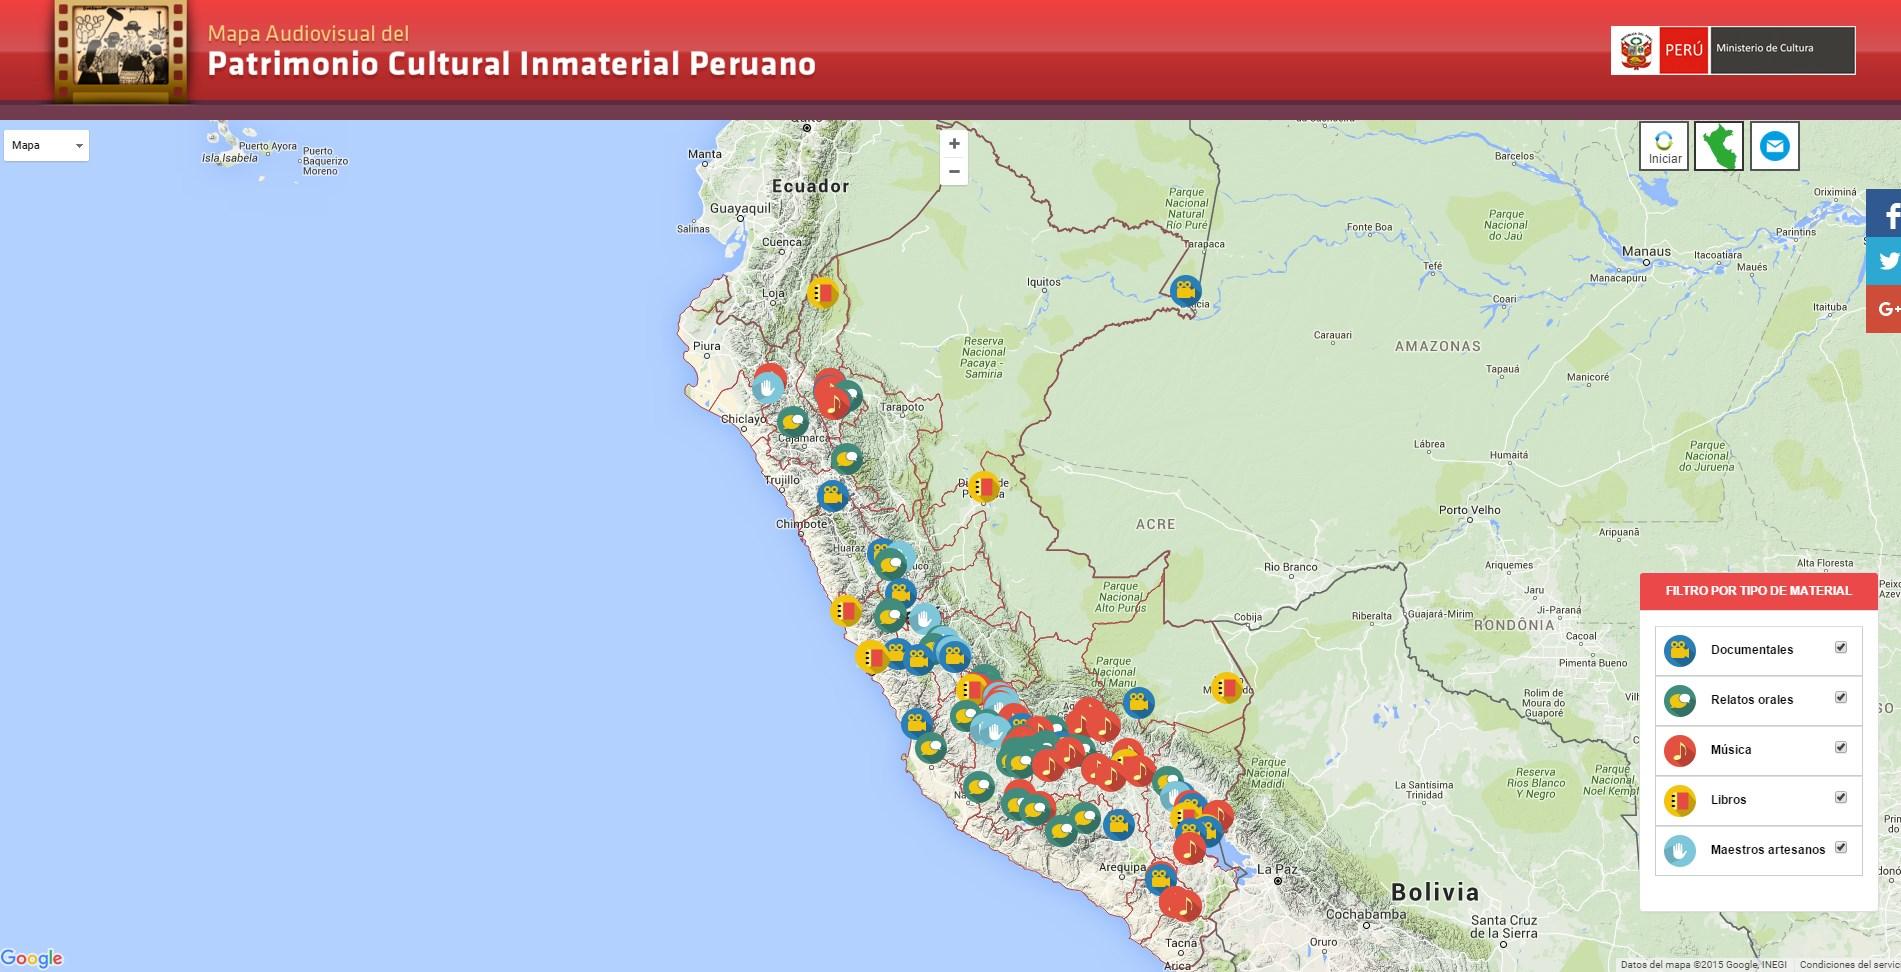 Ministerio de cultura presenta mapa audiovisual del for Ministerio del interior ubicacion mapa